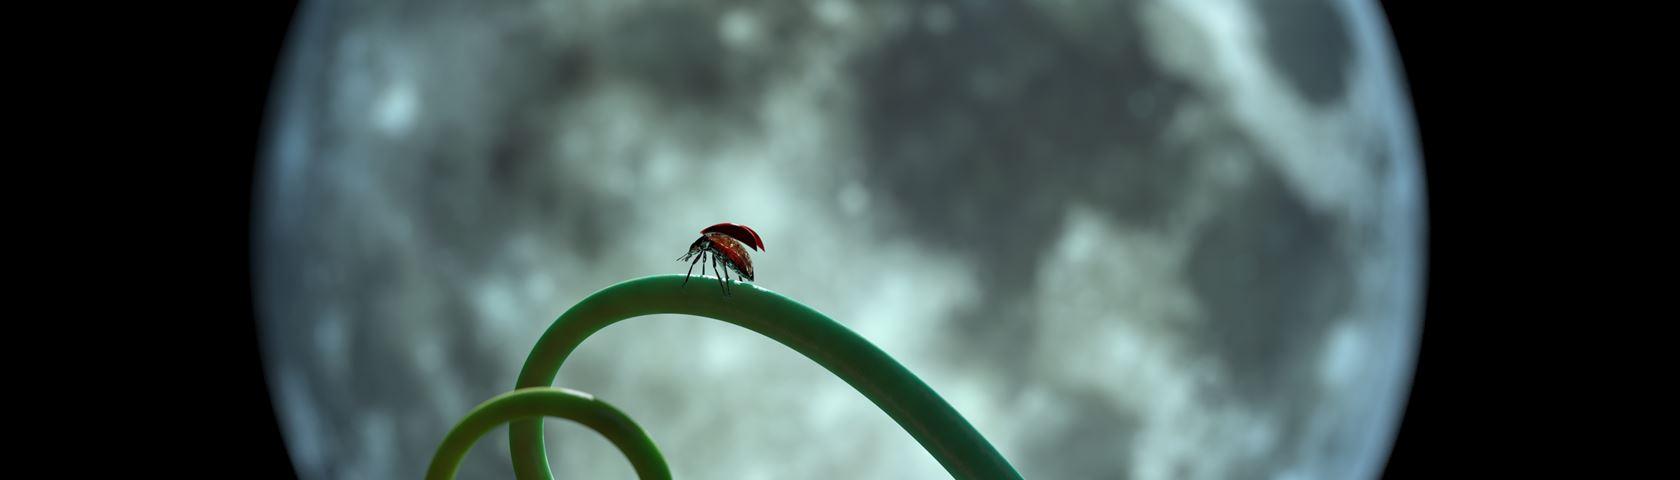 Ladybug - DoF